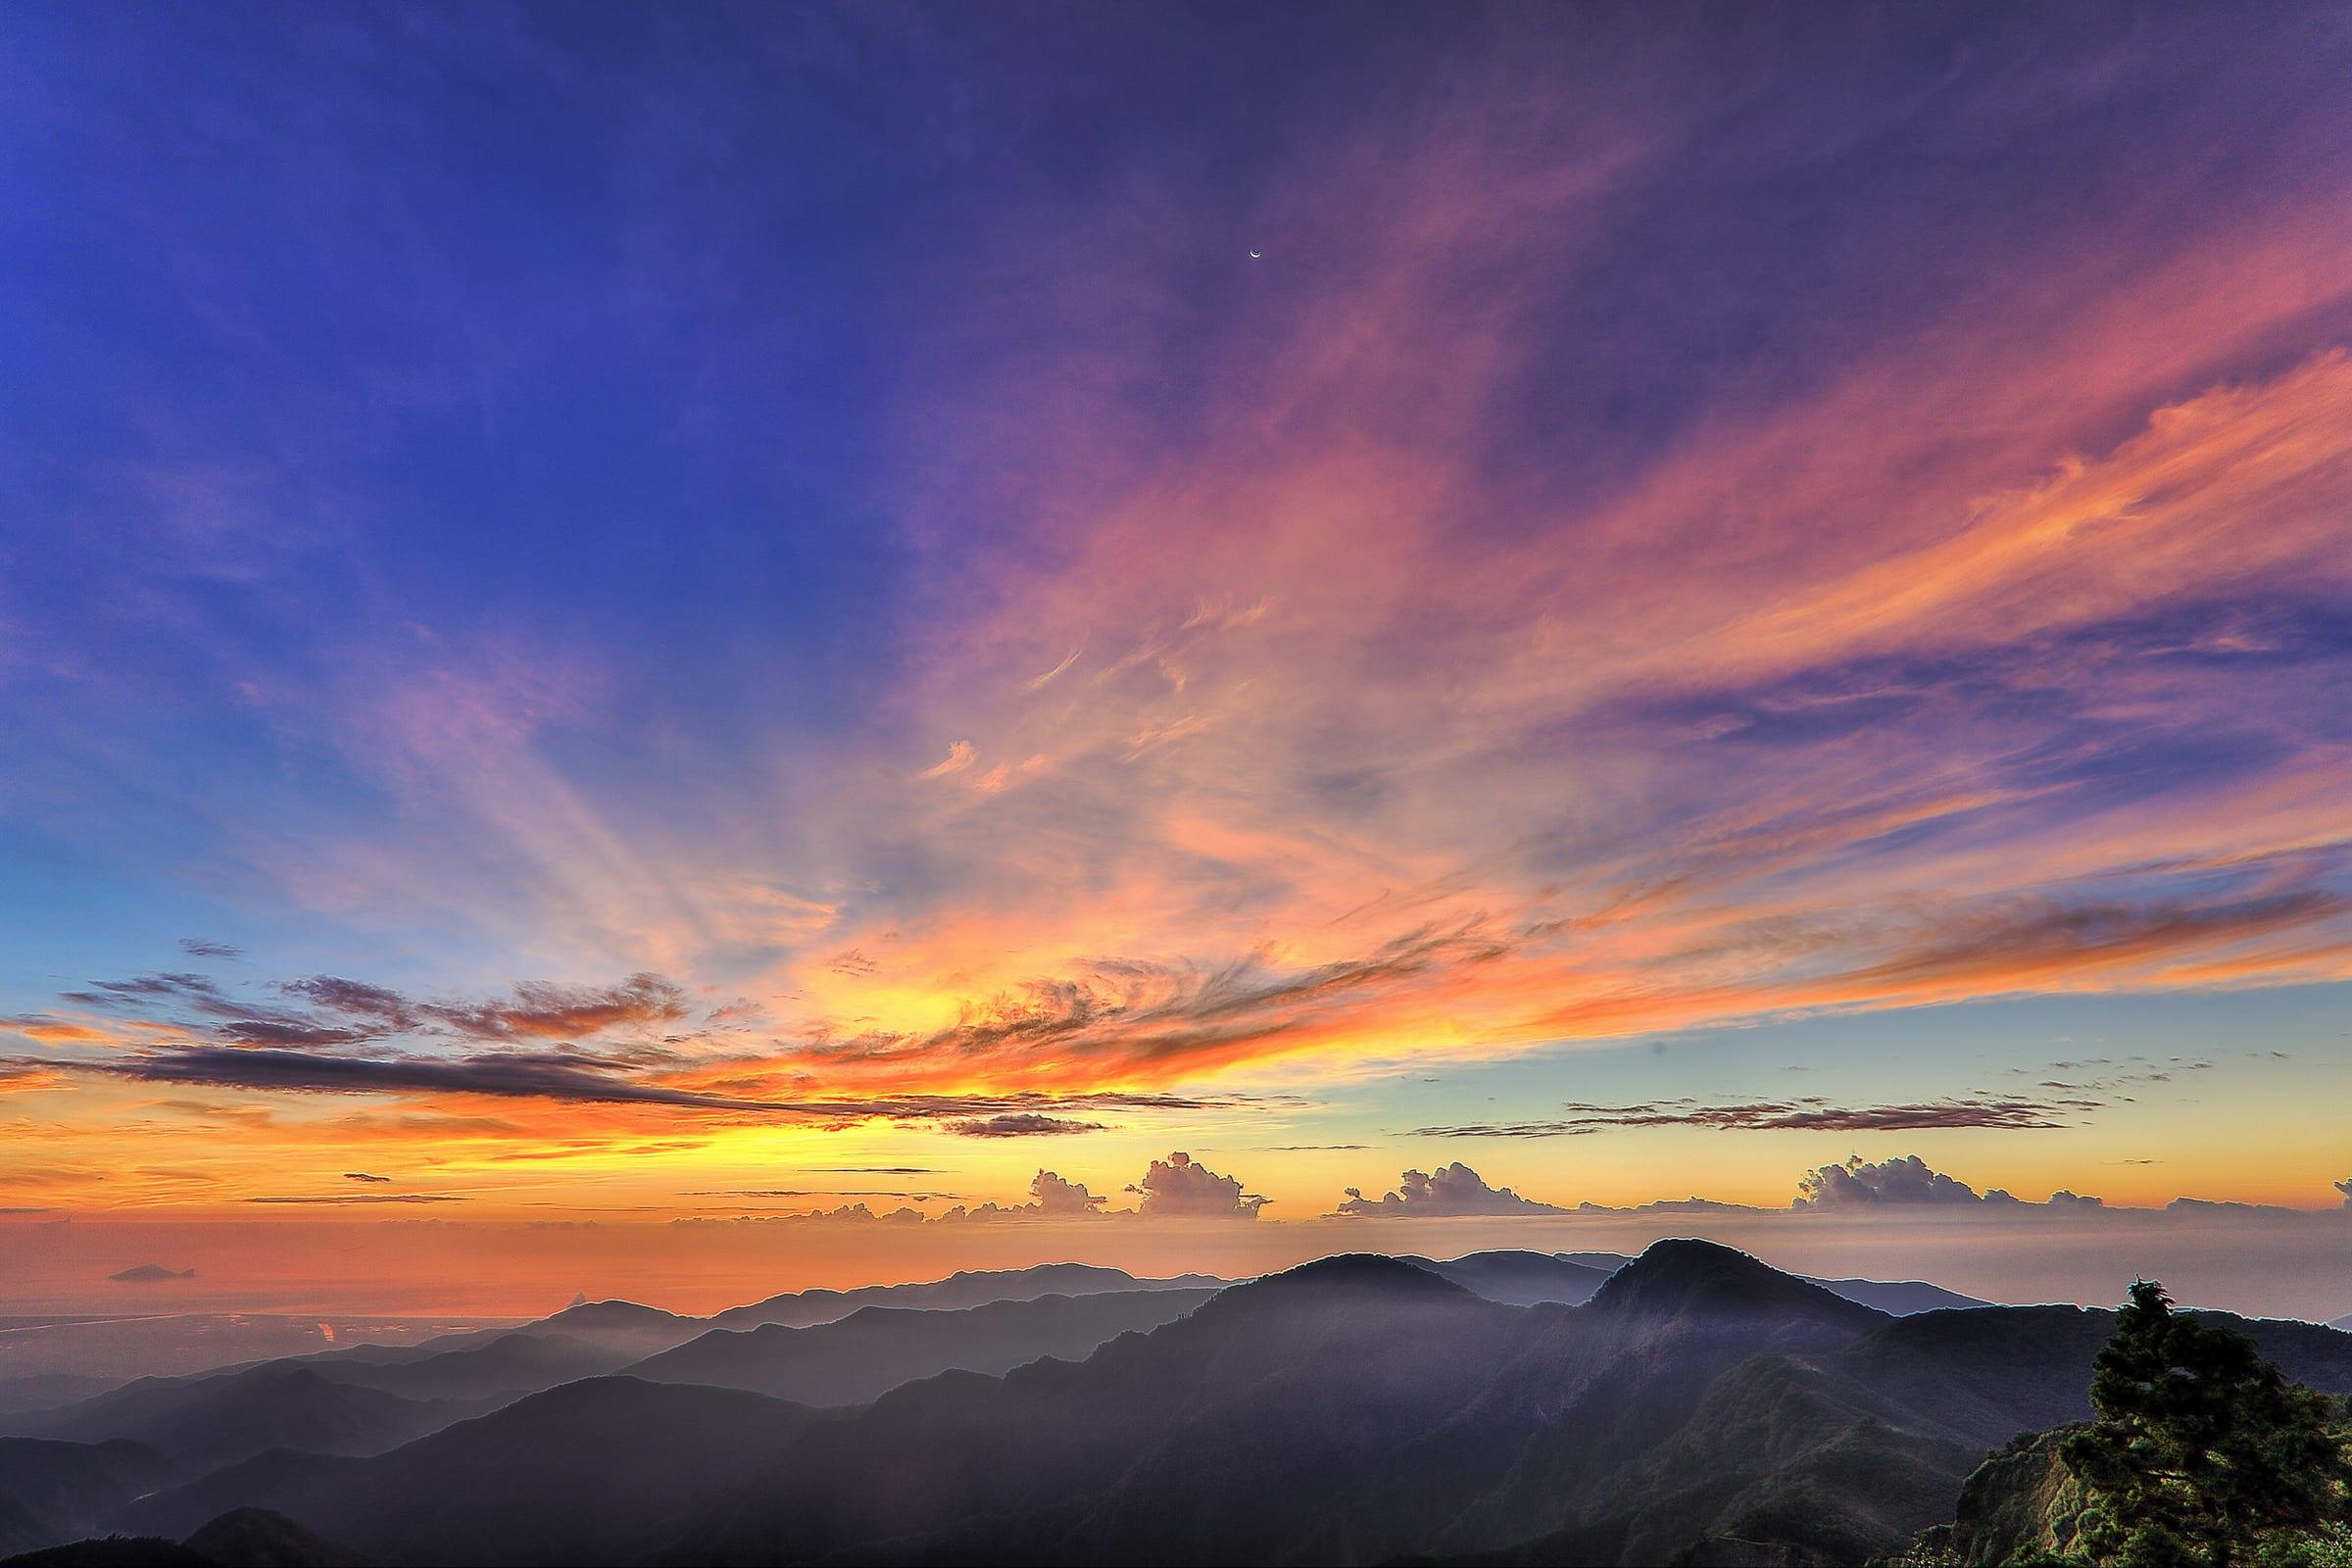 宜蘭太平山,圖片取自tps.forest.gov.tw。